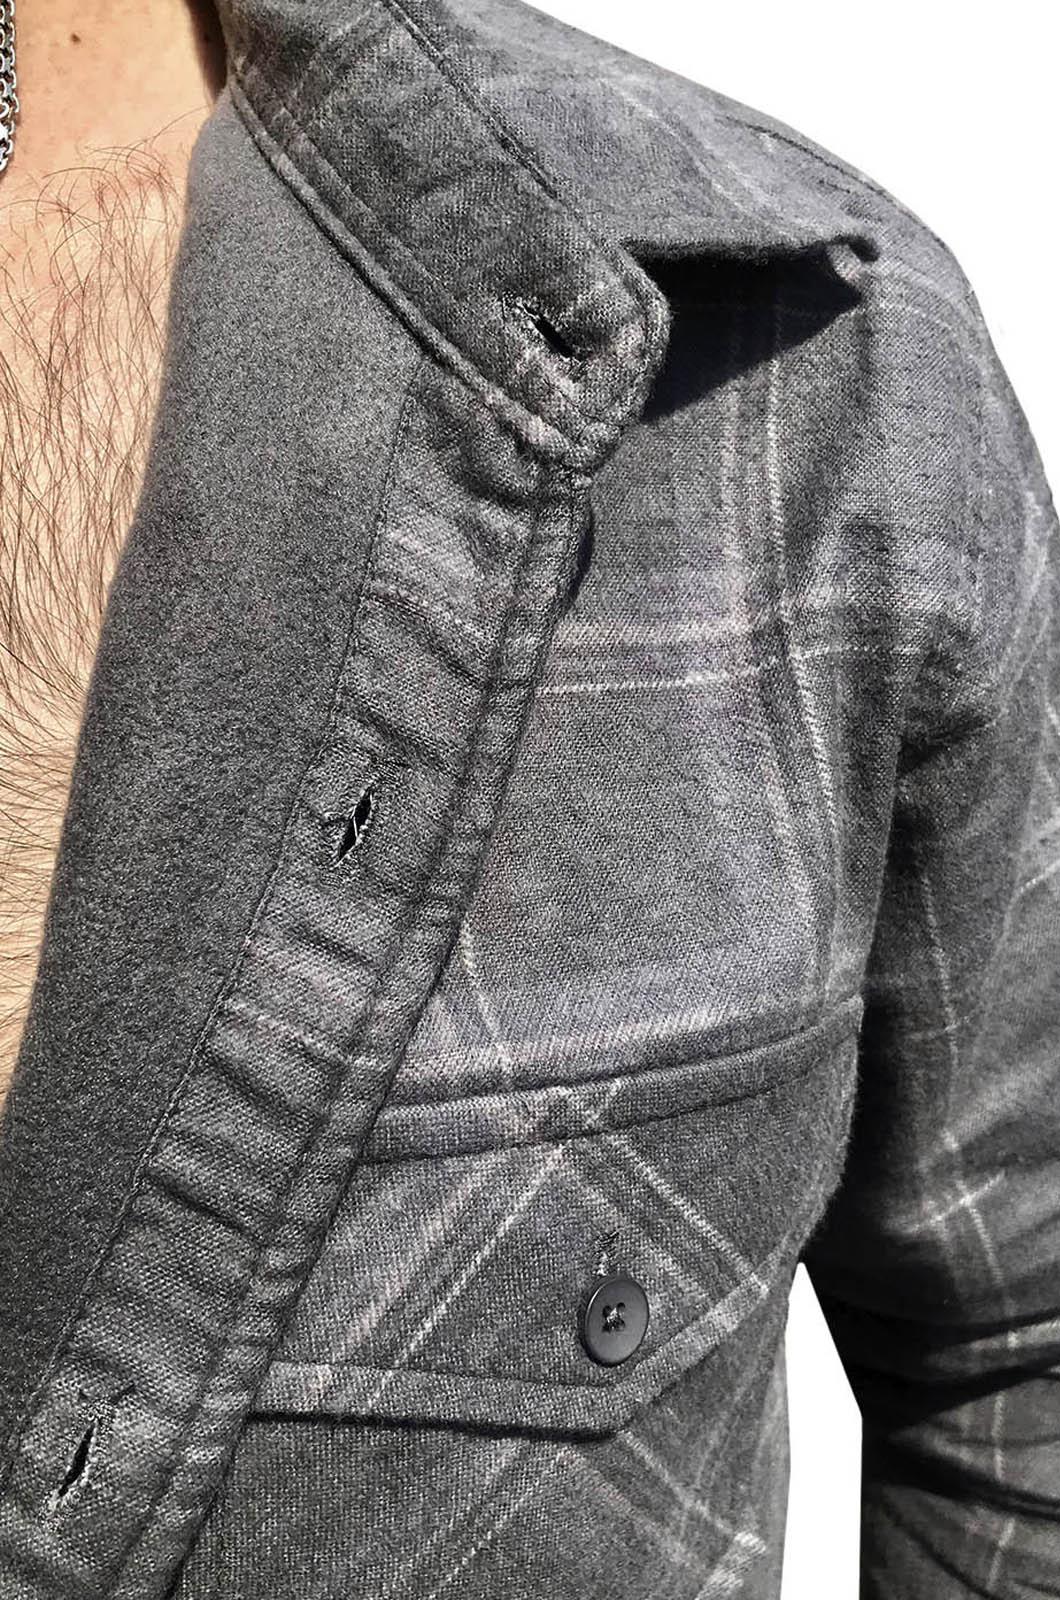 Мужская серая рубашка с вышитым шевроном Войска Кубанского - купить онлайн